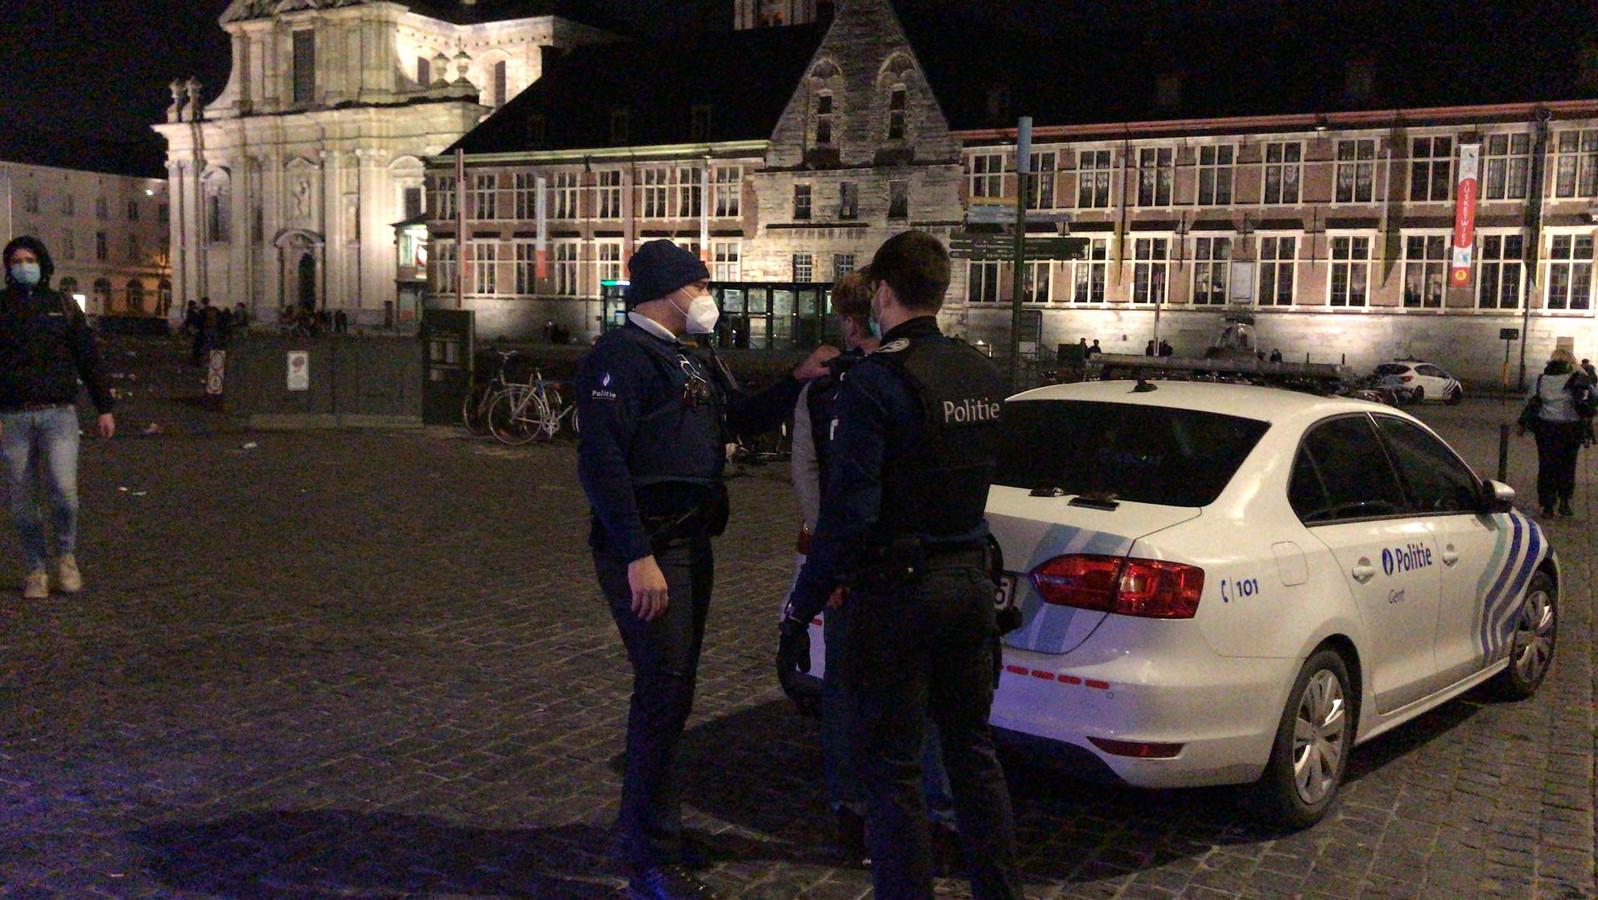 Agenten pakken een student op.